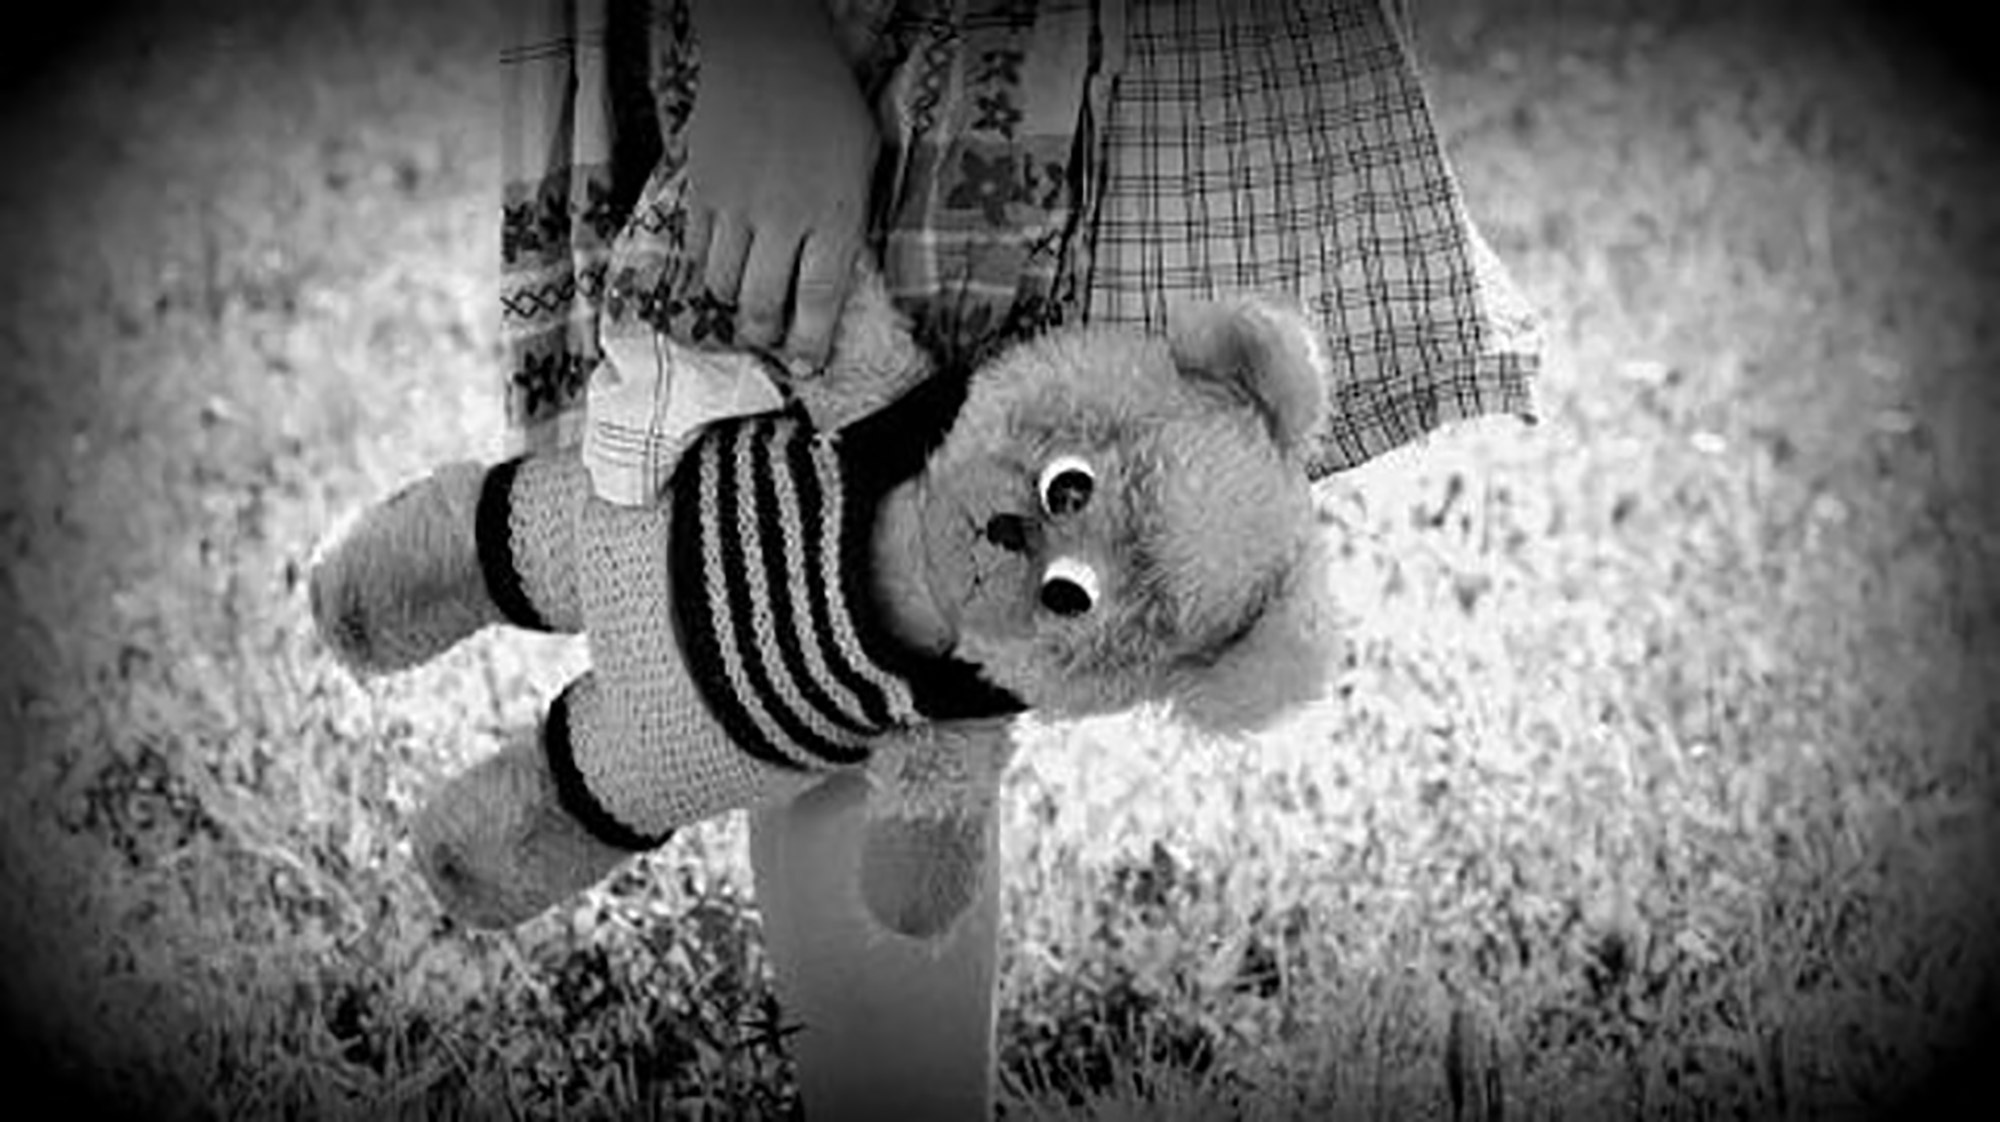 Η σεξουαλική κακοποίηση  παιδιών και ο ρόλος των ΜΜΕ